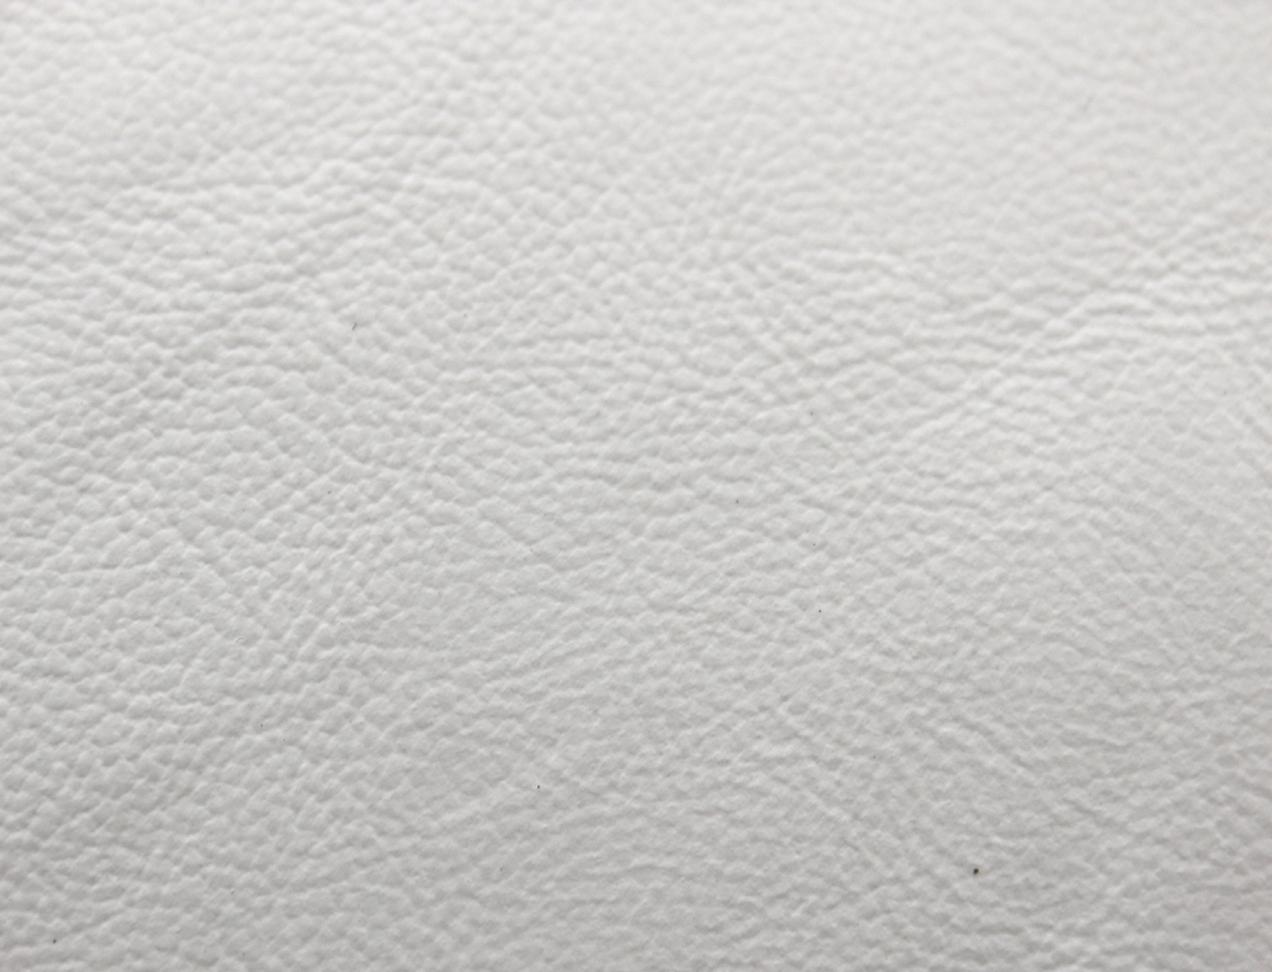 MIURA OUTDOOR/INDOOR Bianco